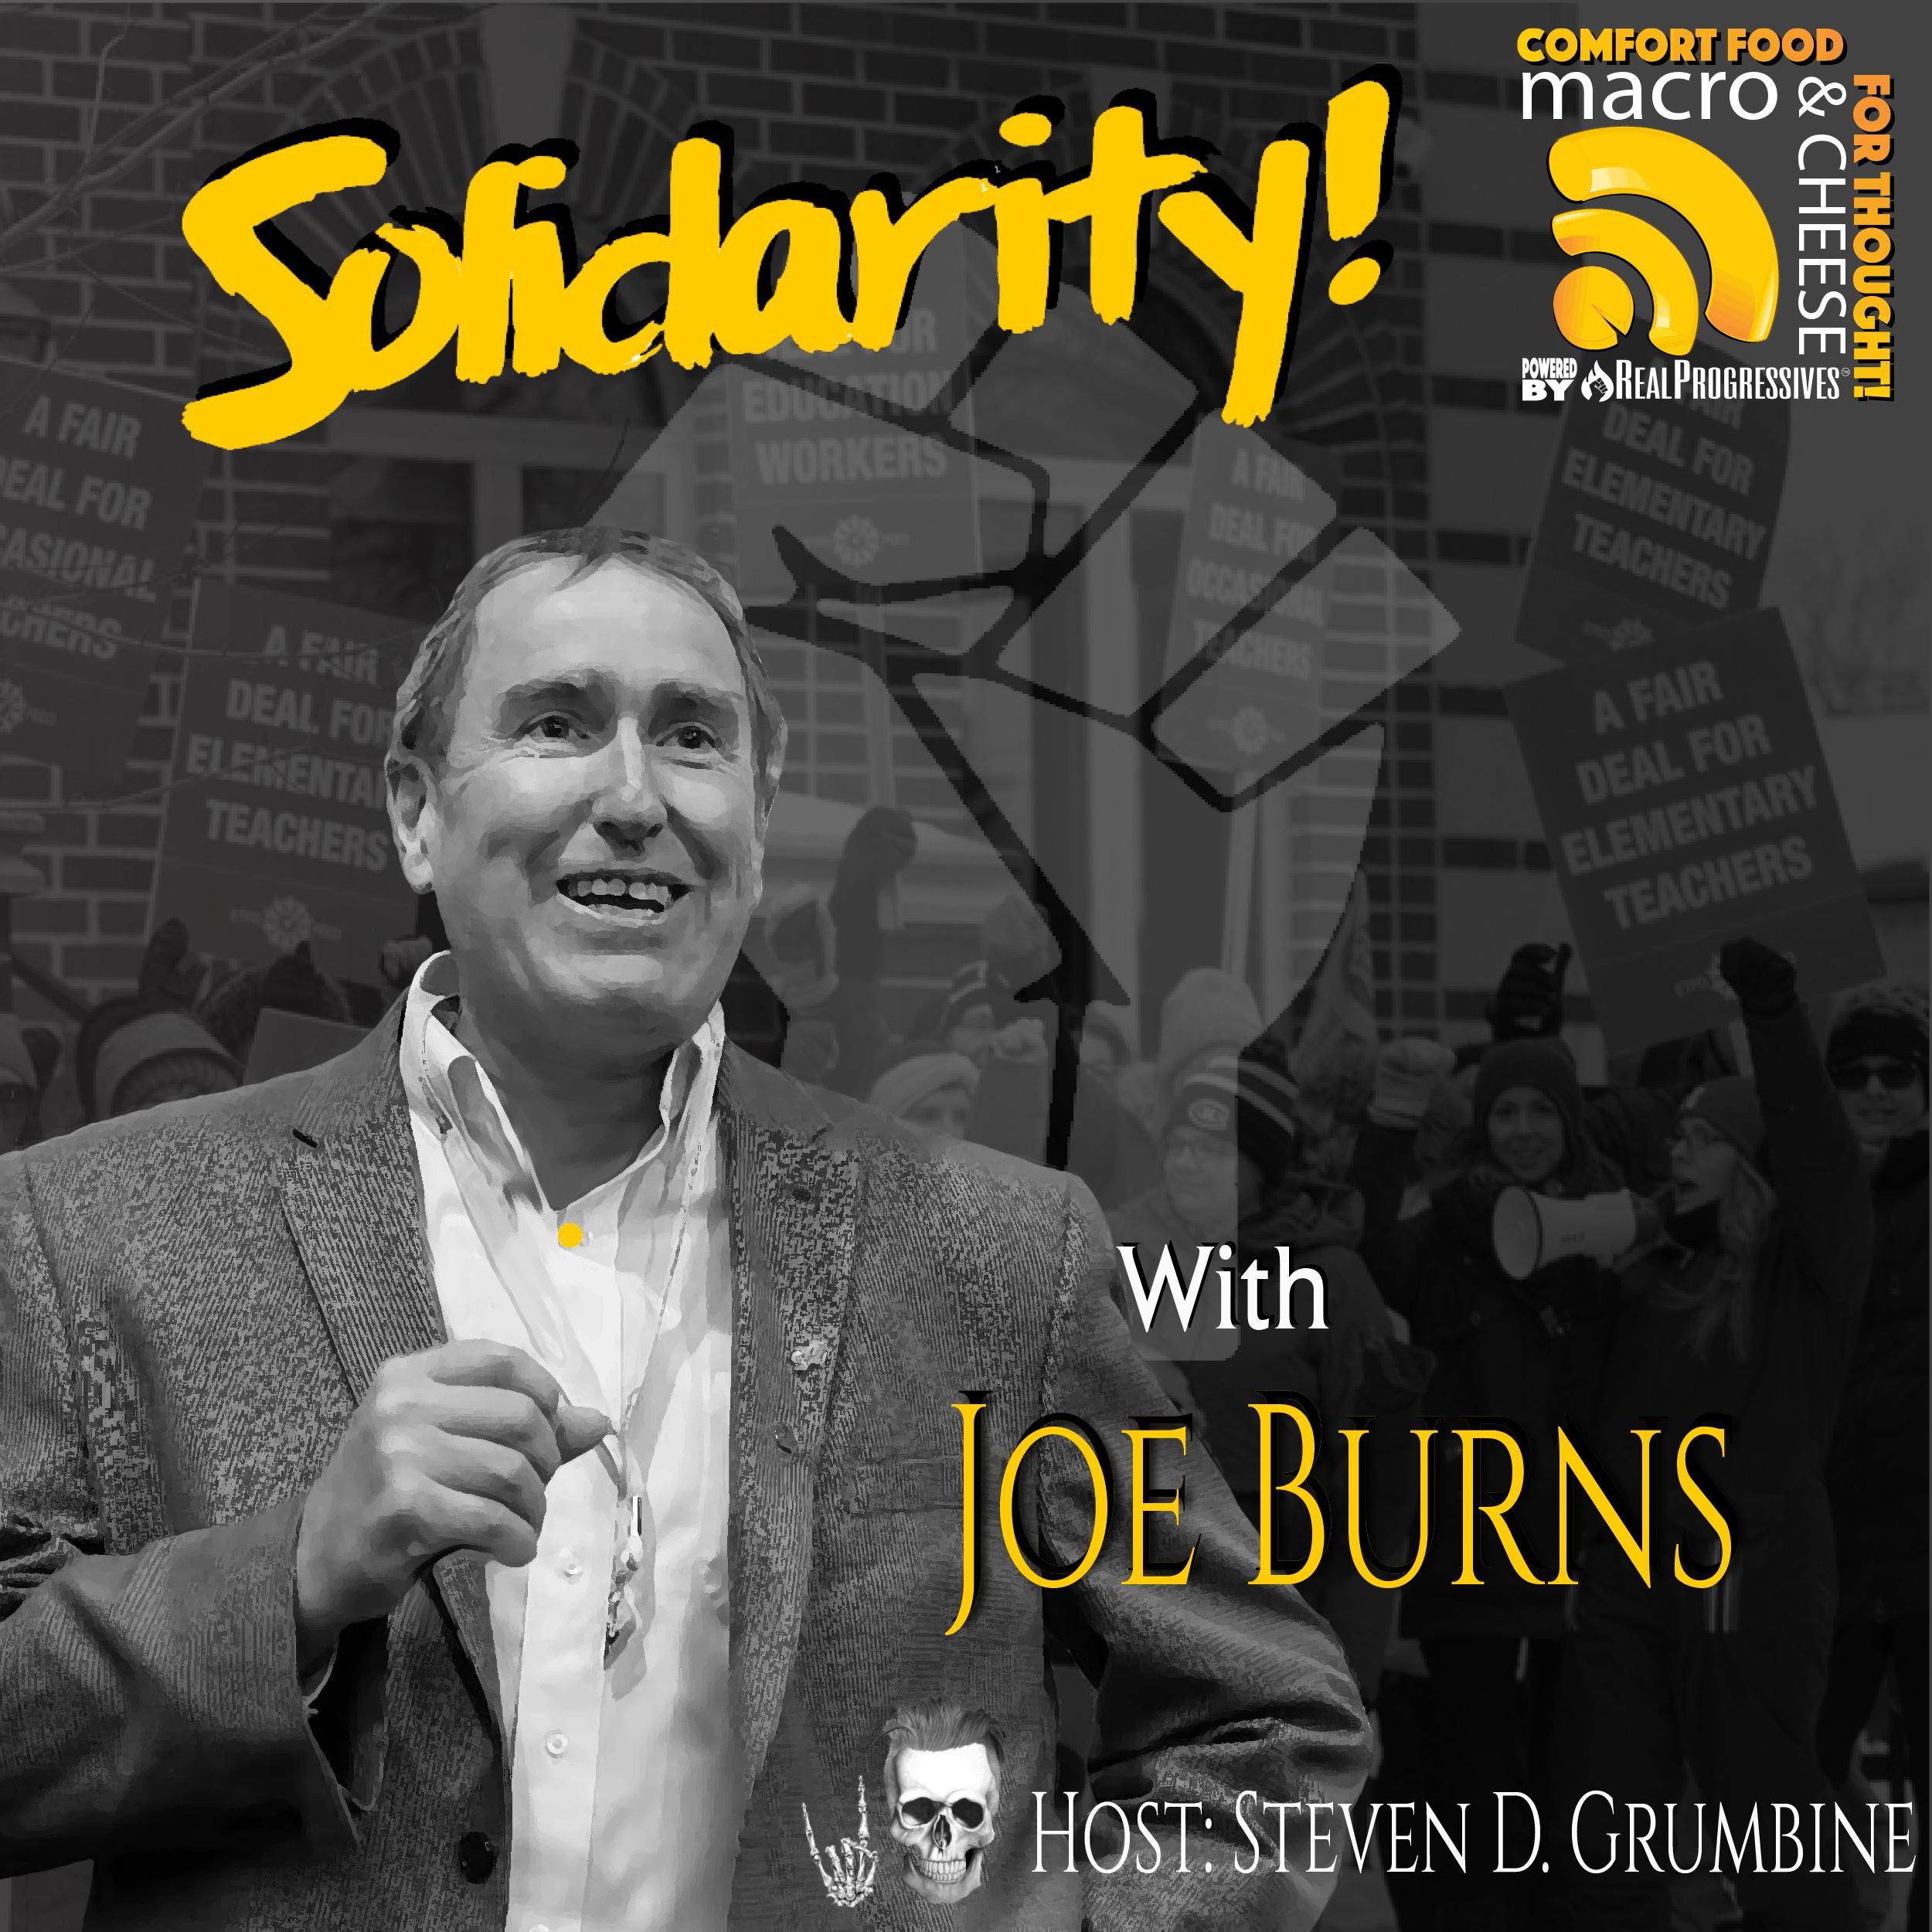 Episode 97 - Solidarity with Joe Burns